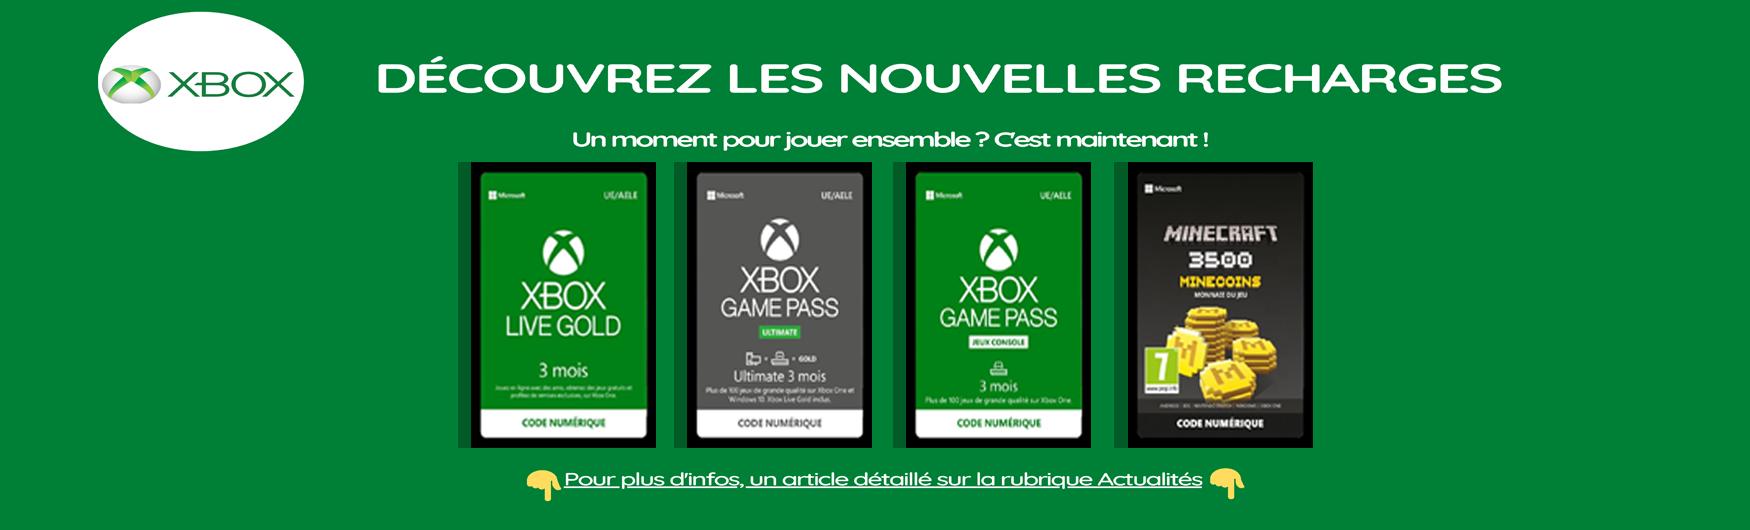 Recharges Xbox